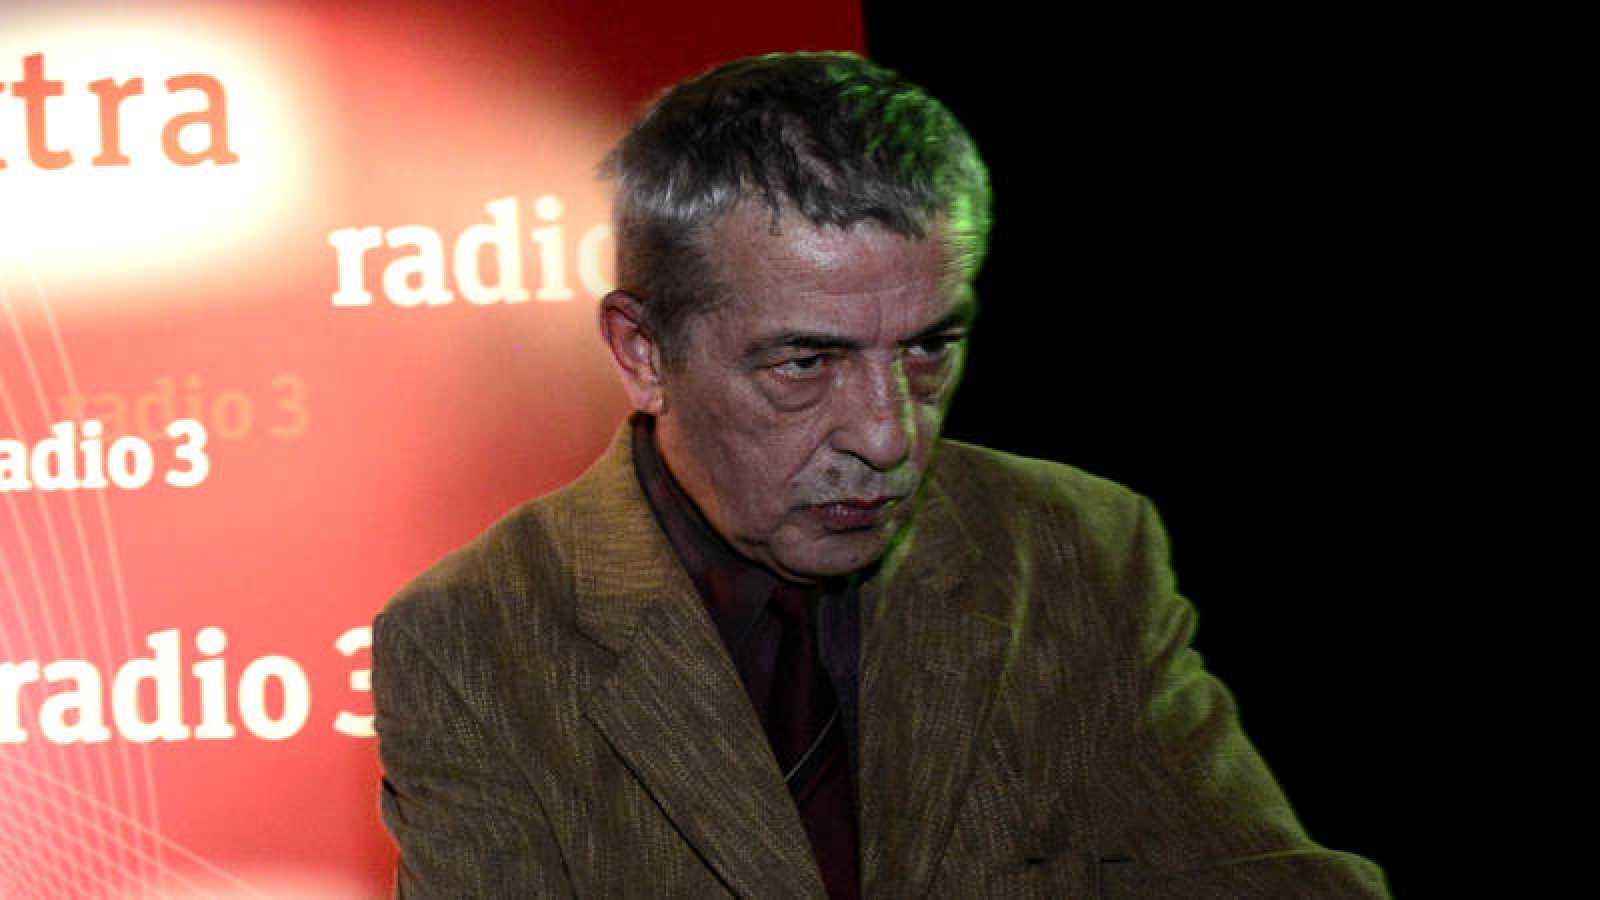 José Manuel Costa en su participación en la Fiesta de Radio 3 Extra en 2015